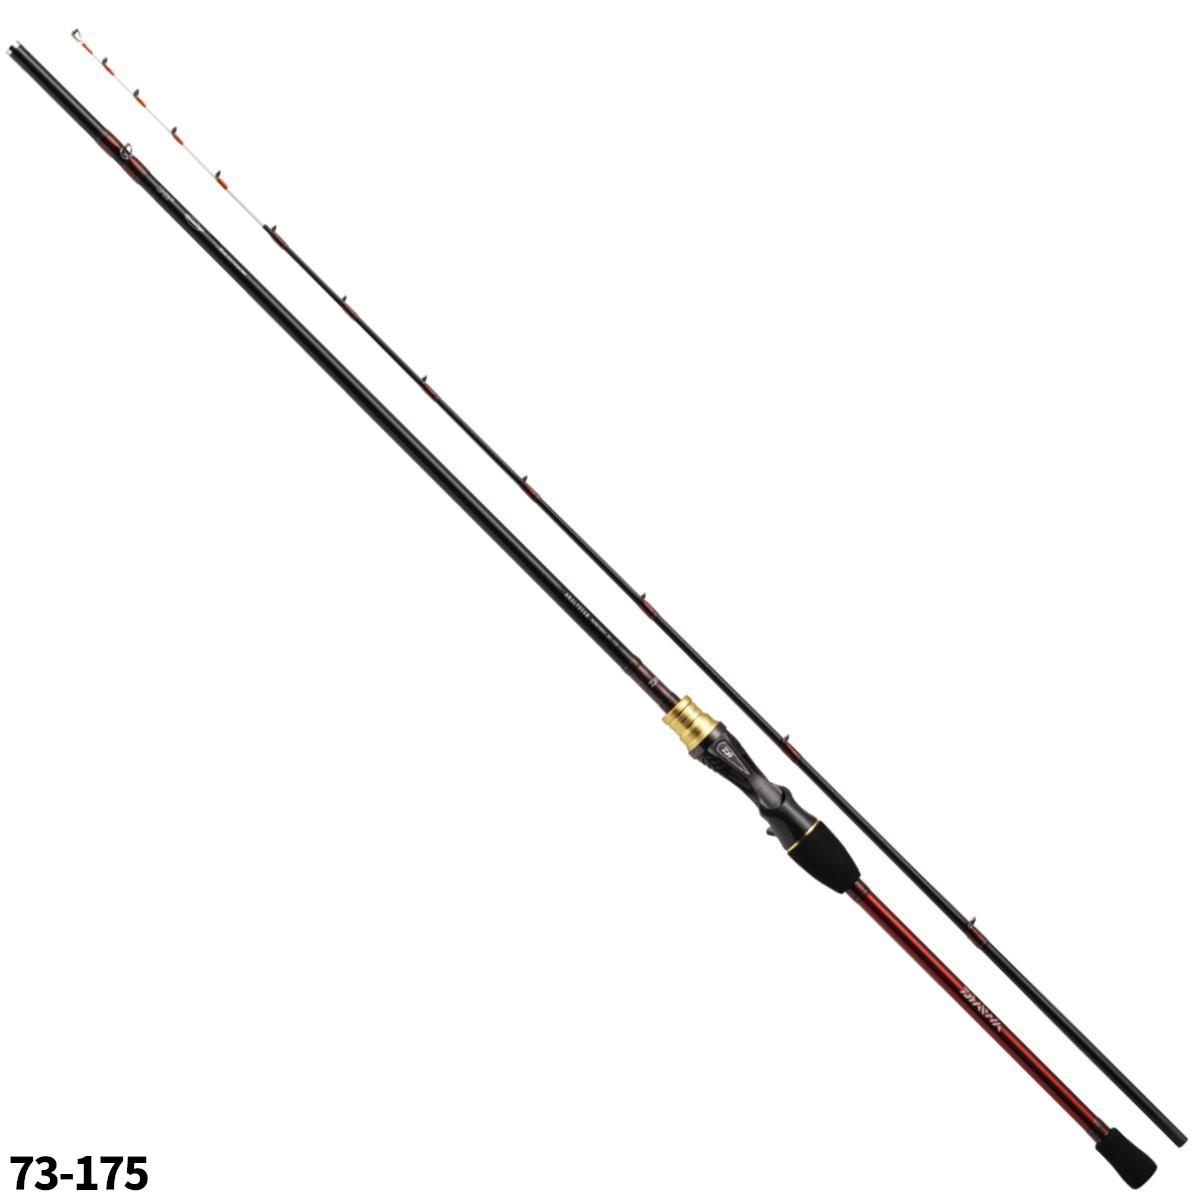 ダイワ アナリスター カワハギ 73-175(東日本店)